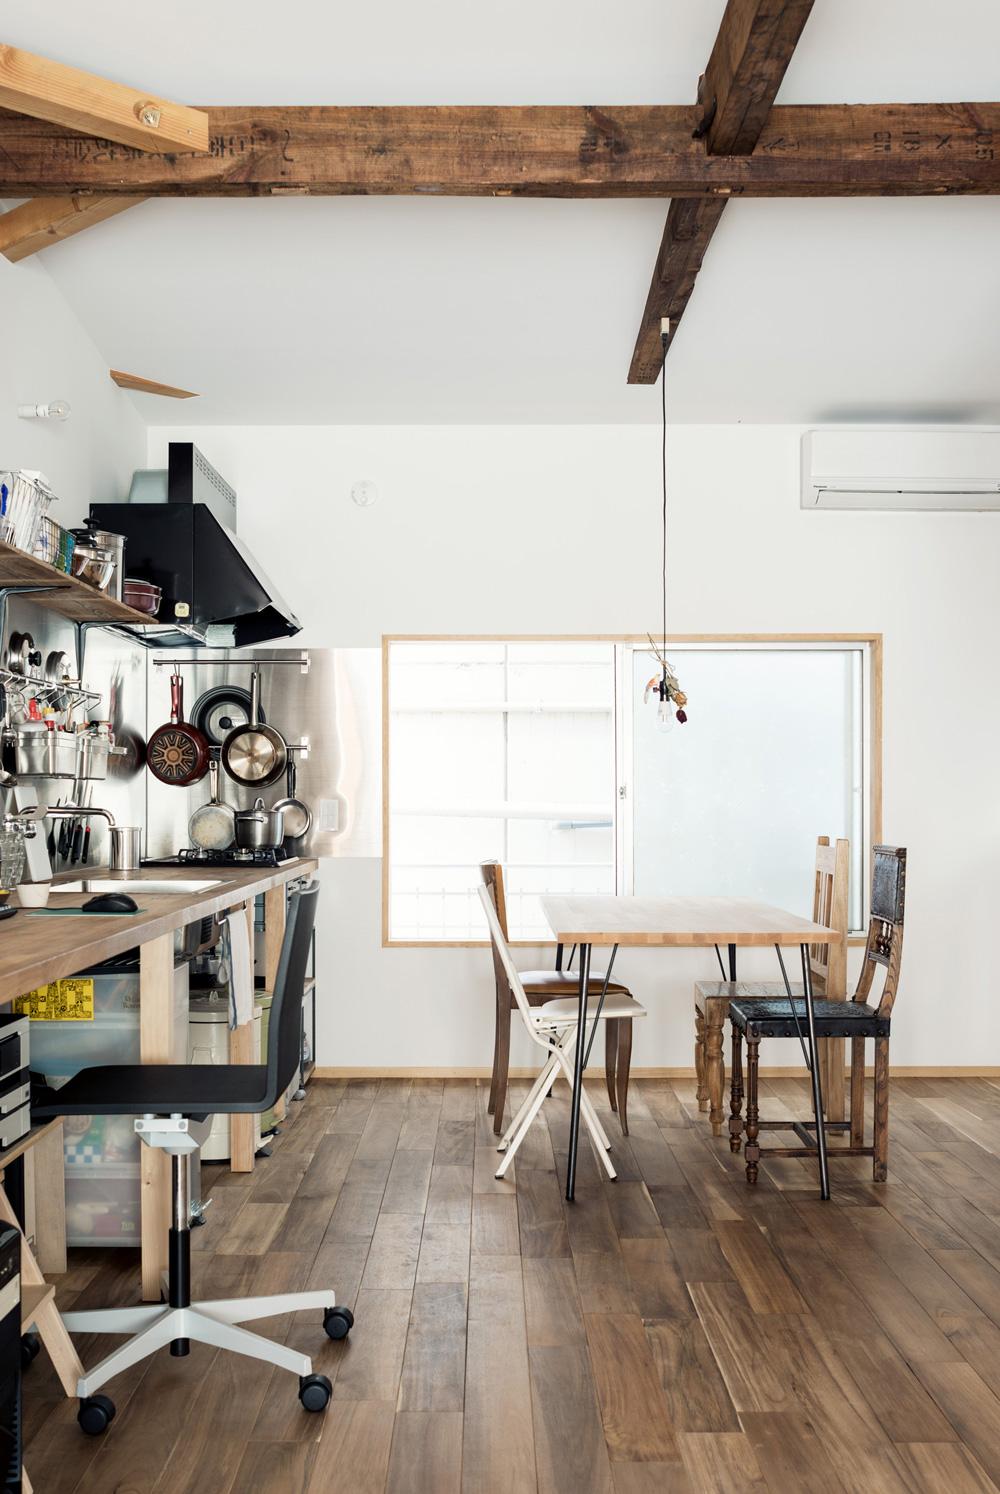 Re-Toyosaki / Coil Kazuteru Matumura Architects (9)